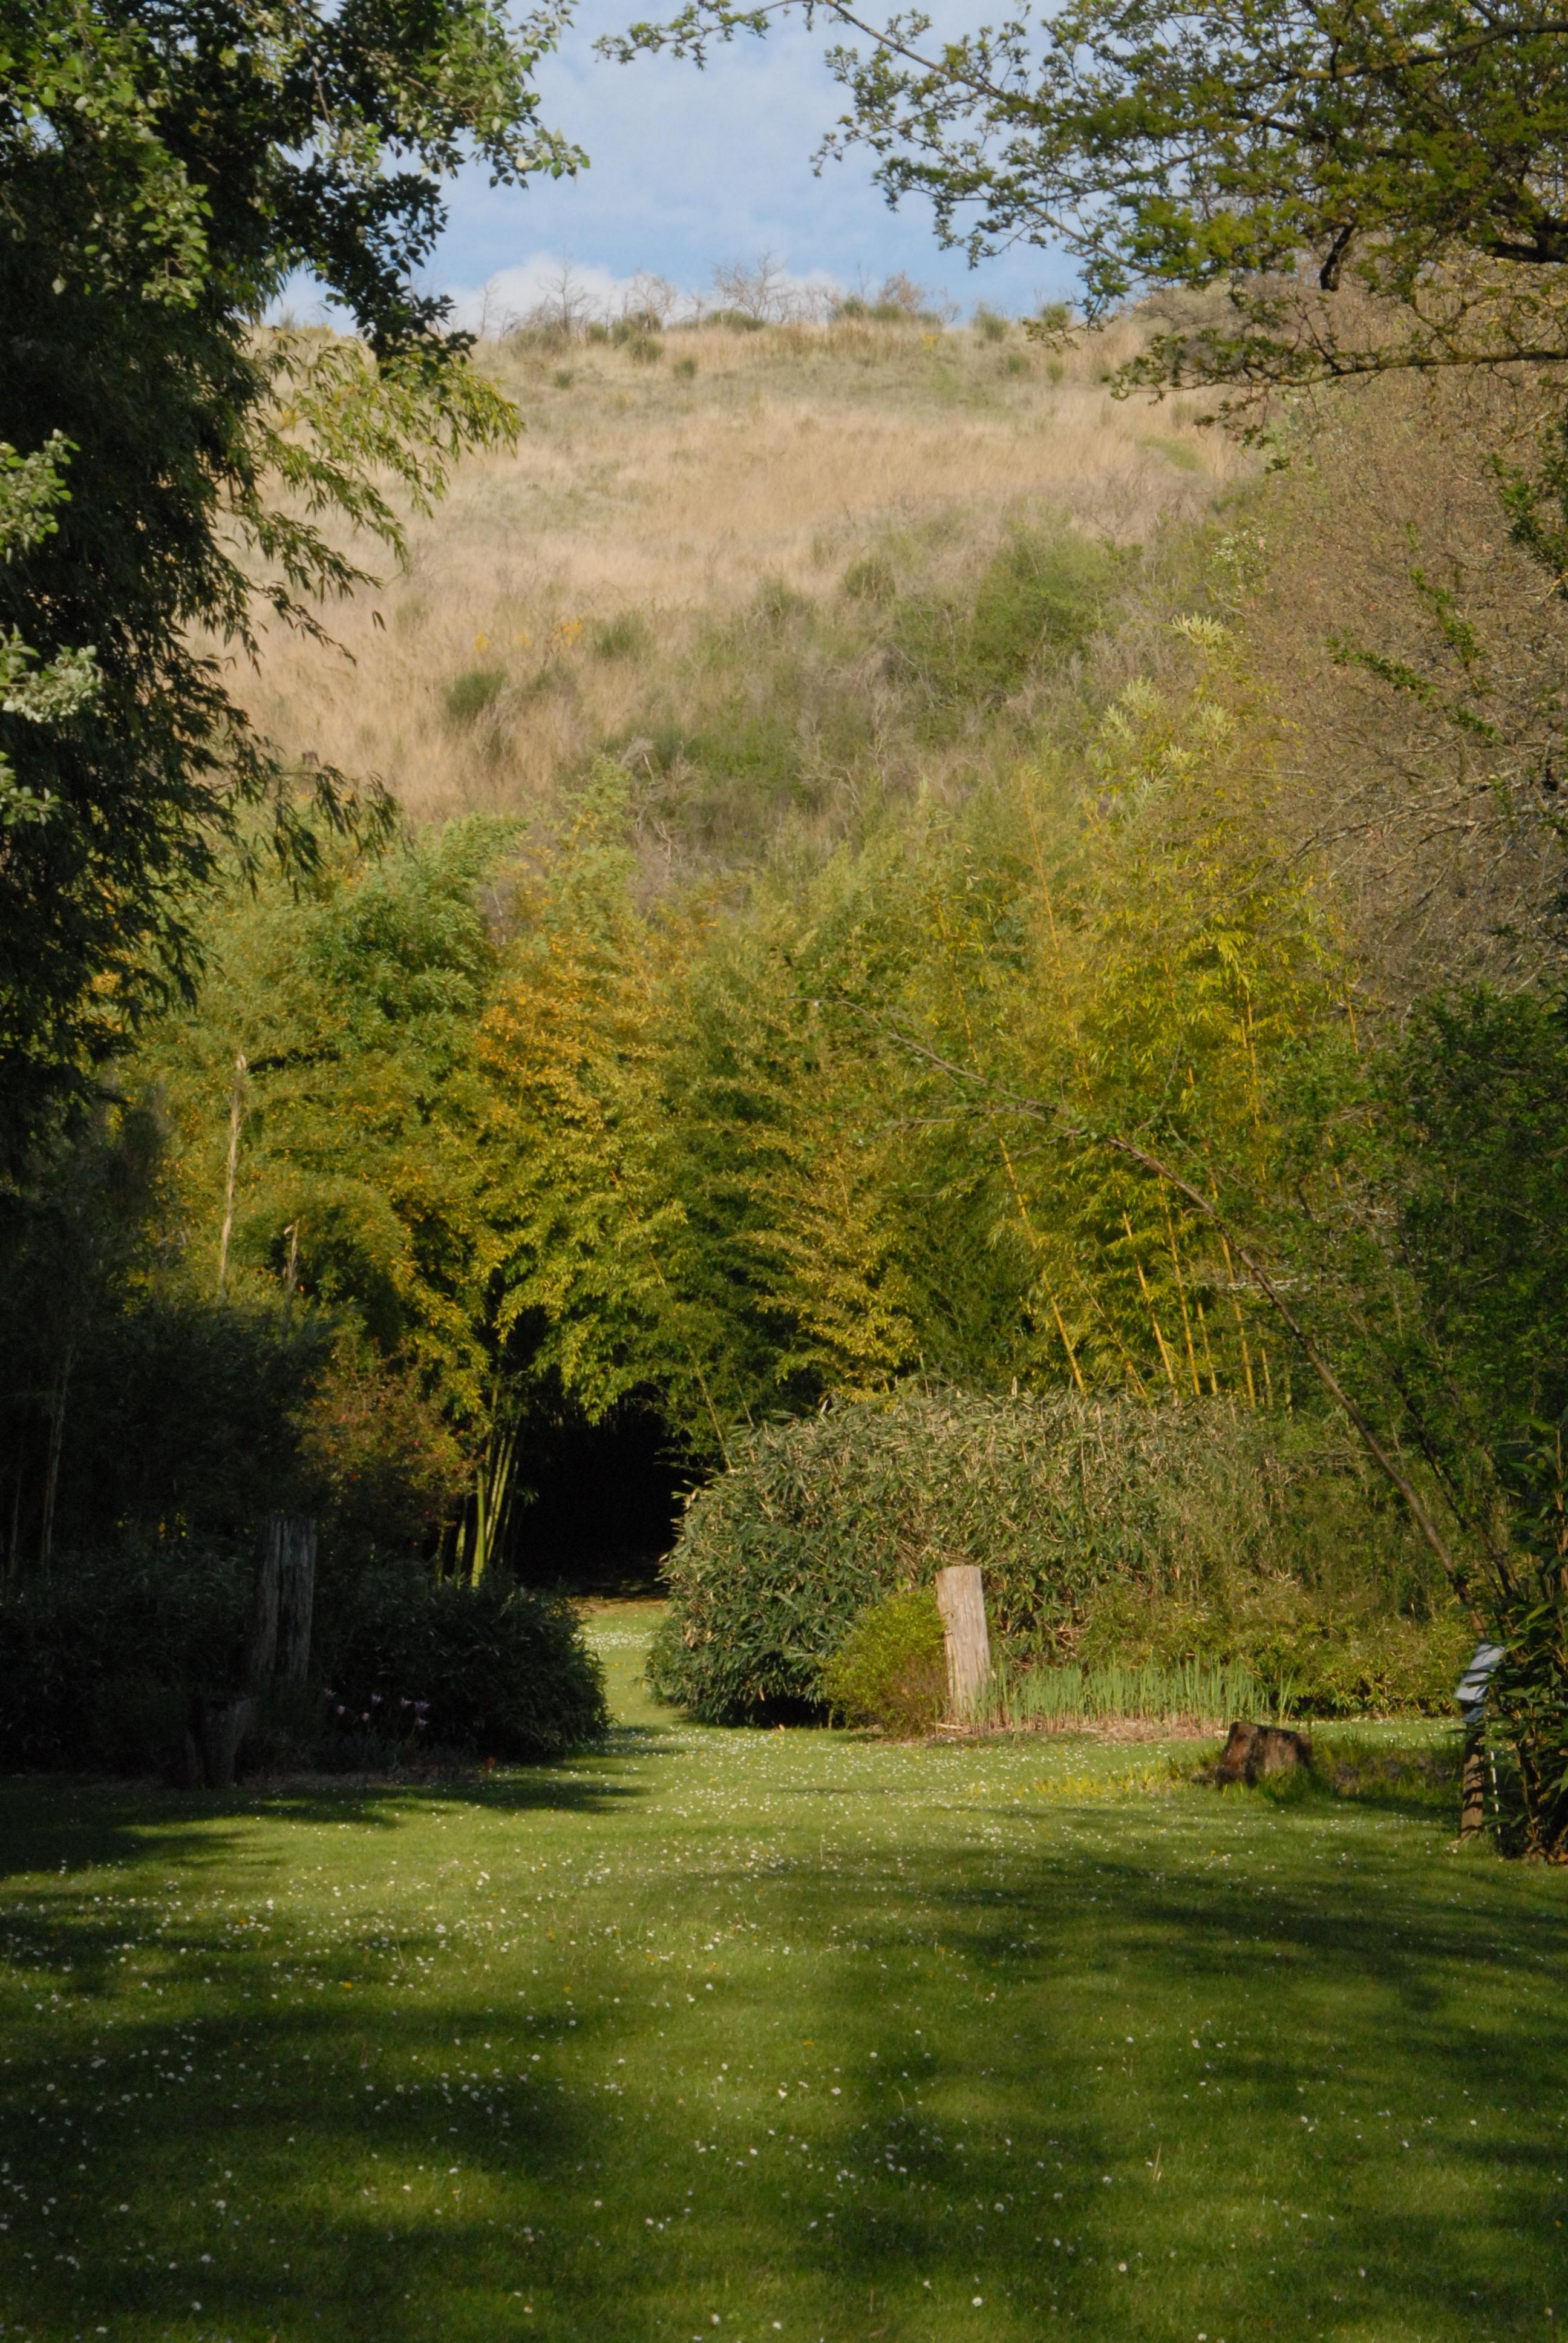 Parc aux bambous labellis jardin remarquable depuis 2006 for Jardin remarquable 2015